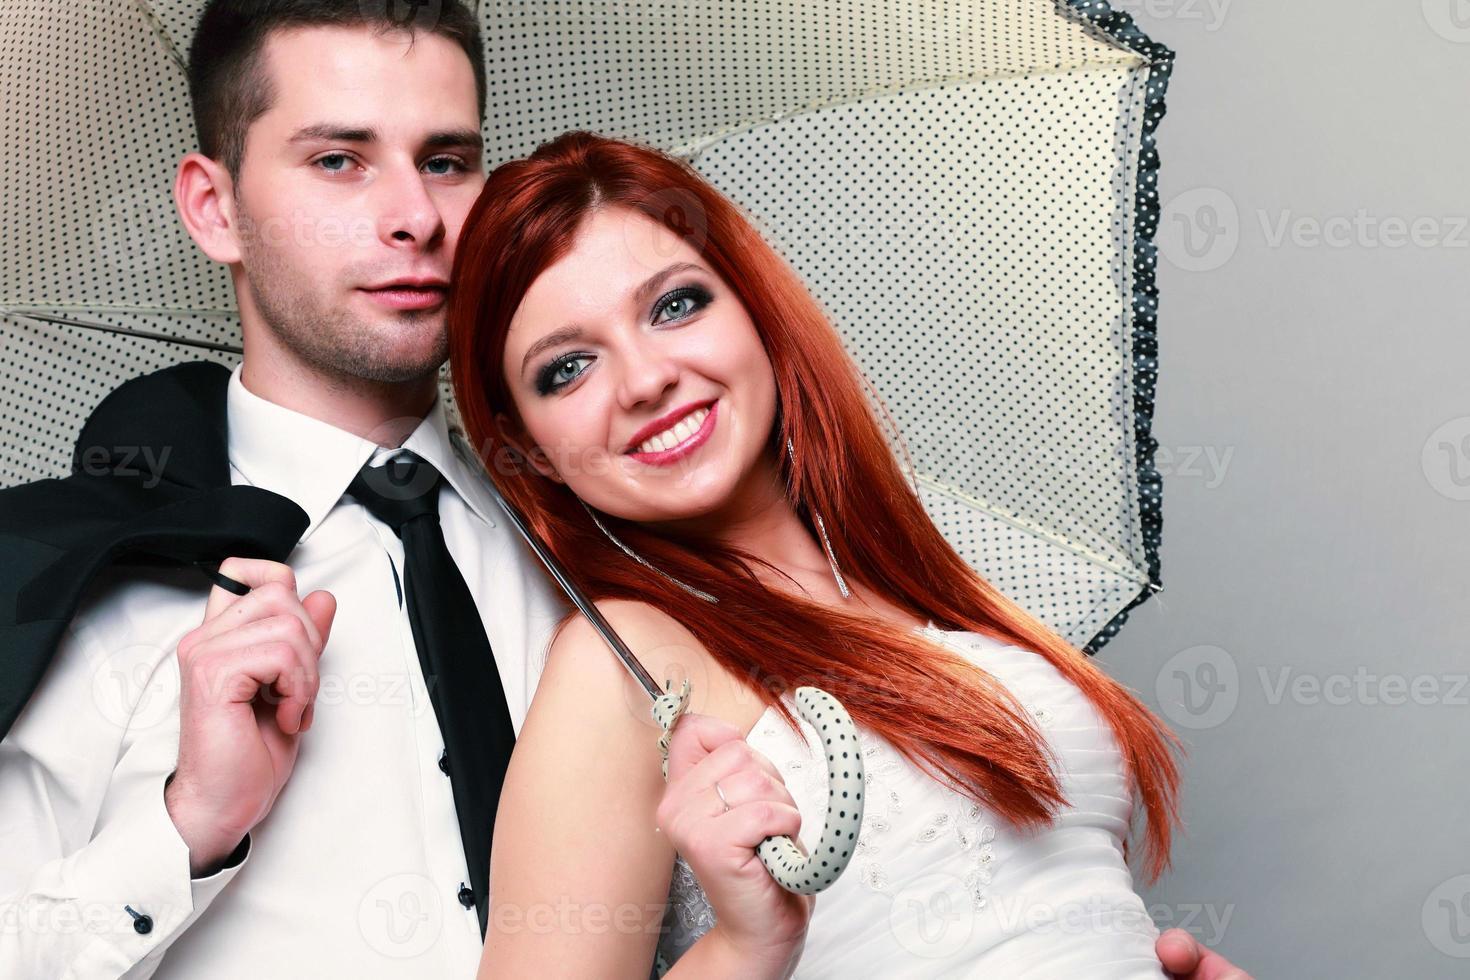 sposo sposa felice coppia sposata su sfondo grigio foto